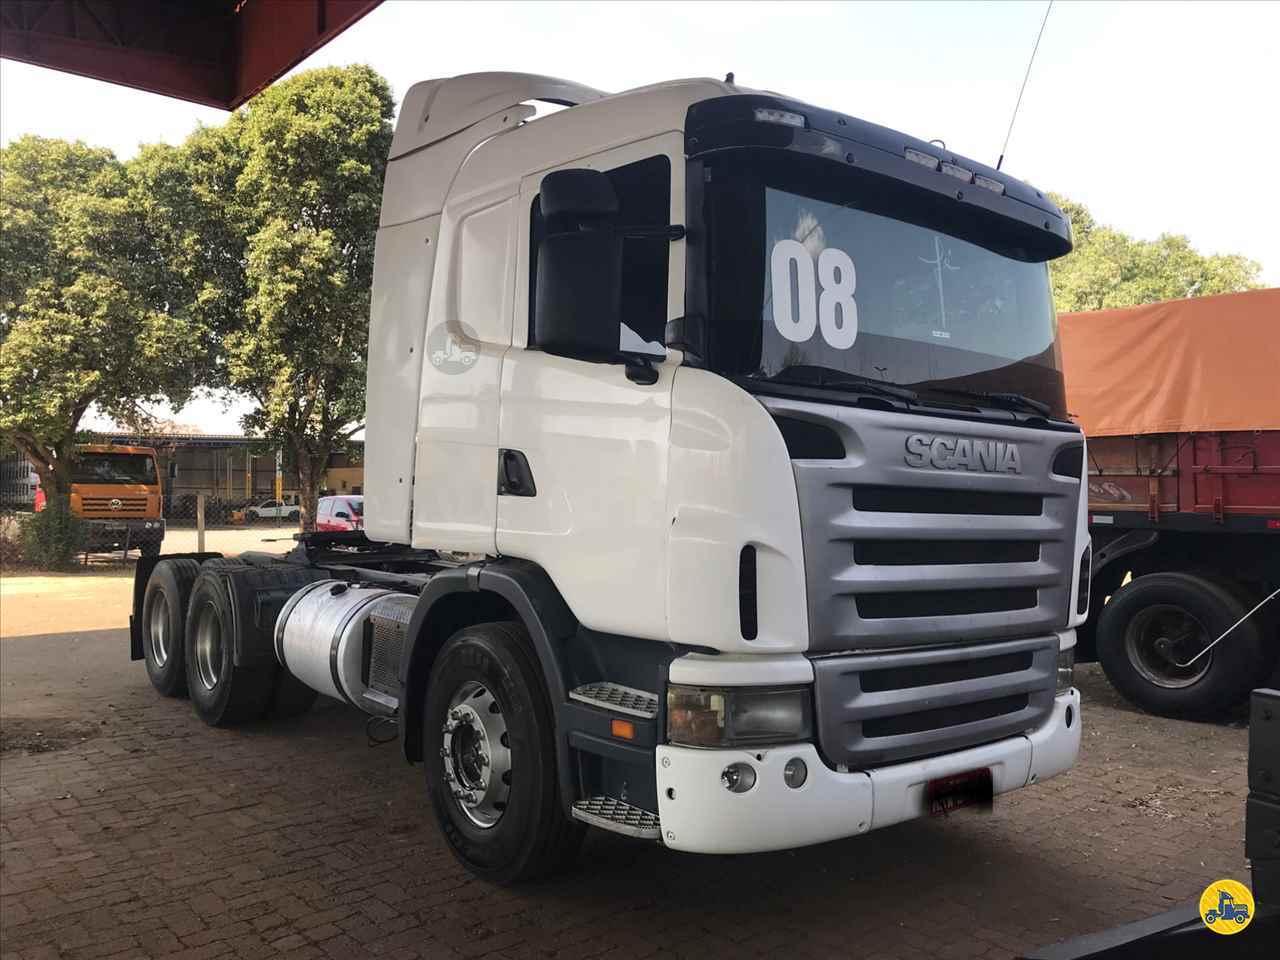 CAMINHAO SCANIA SCANIA 420 Chassis Truck 6x2 Geraldo Caminhões PATOS DE MINAS MINAS GERAIS MG